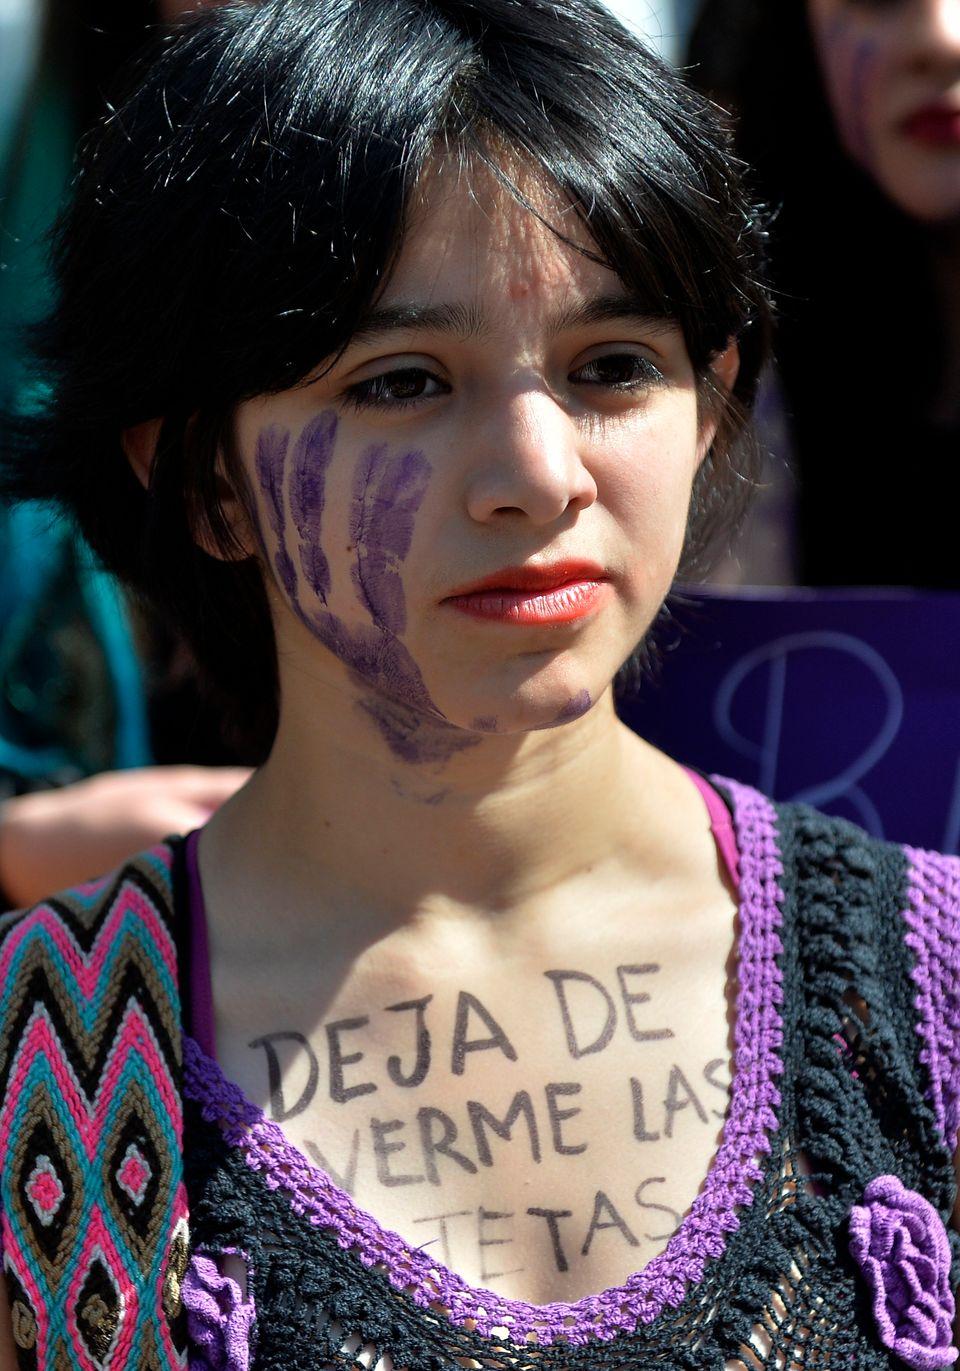 16歳女子高生のレイプ殺人に抗議するため、南米の女性たちが怒りの声を上げた(画像)